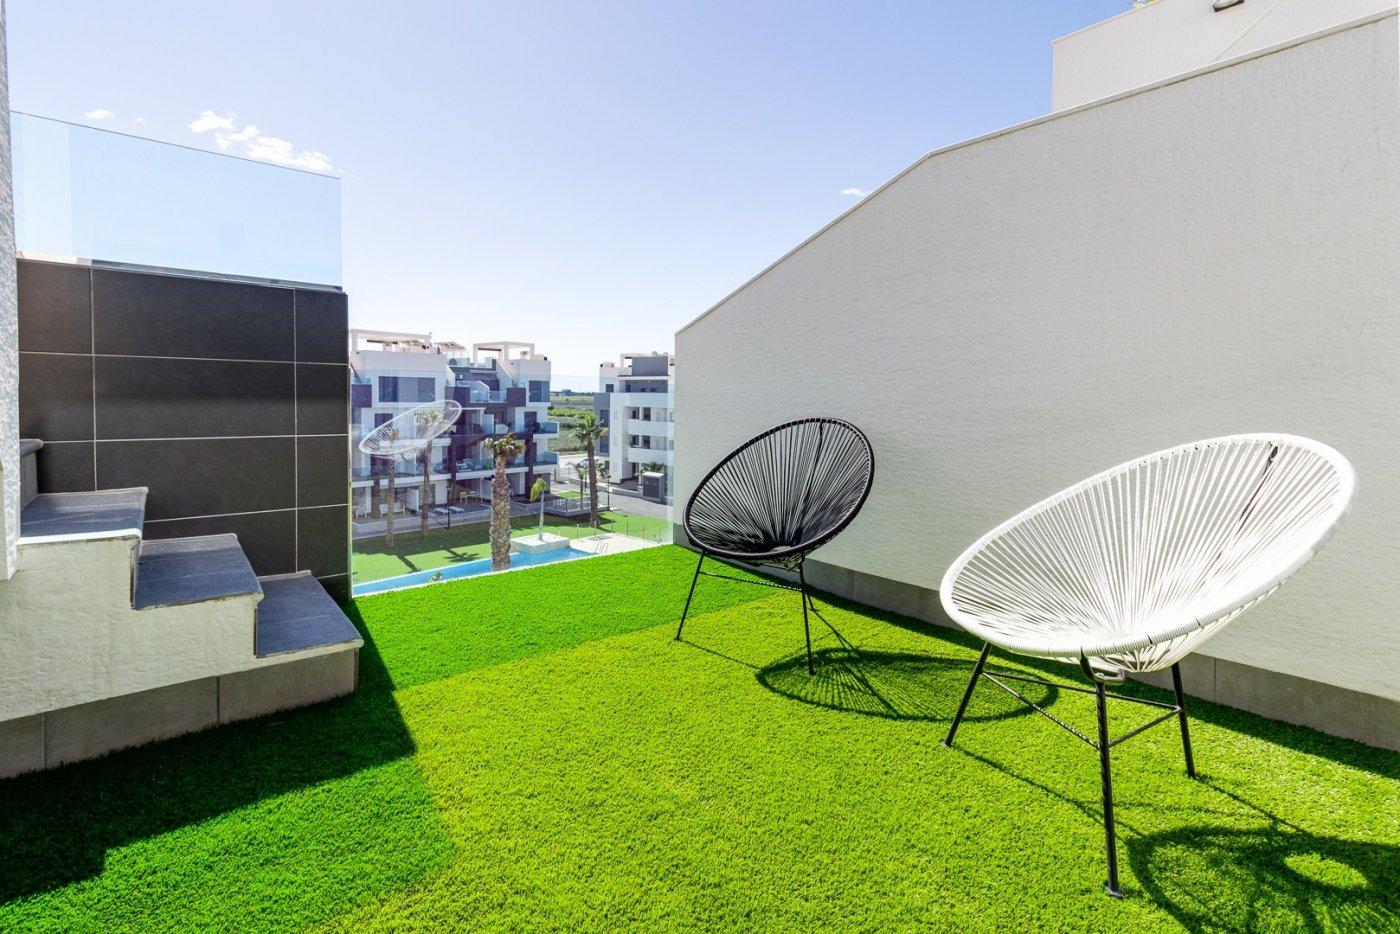 Nuevo complejo residencial en el raso (guardamar)!!! - imagenInmueble11